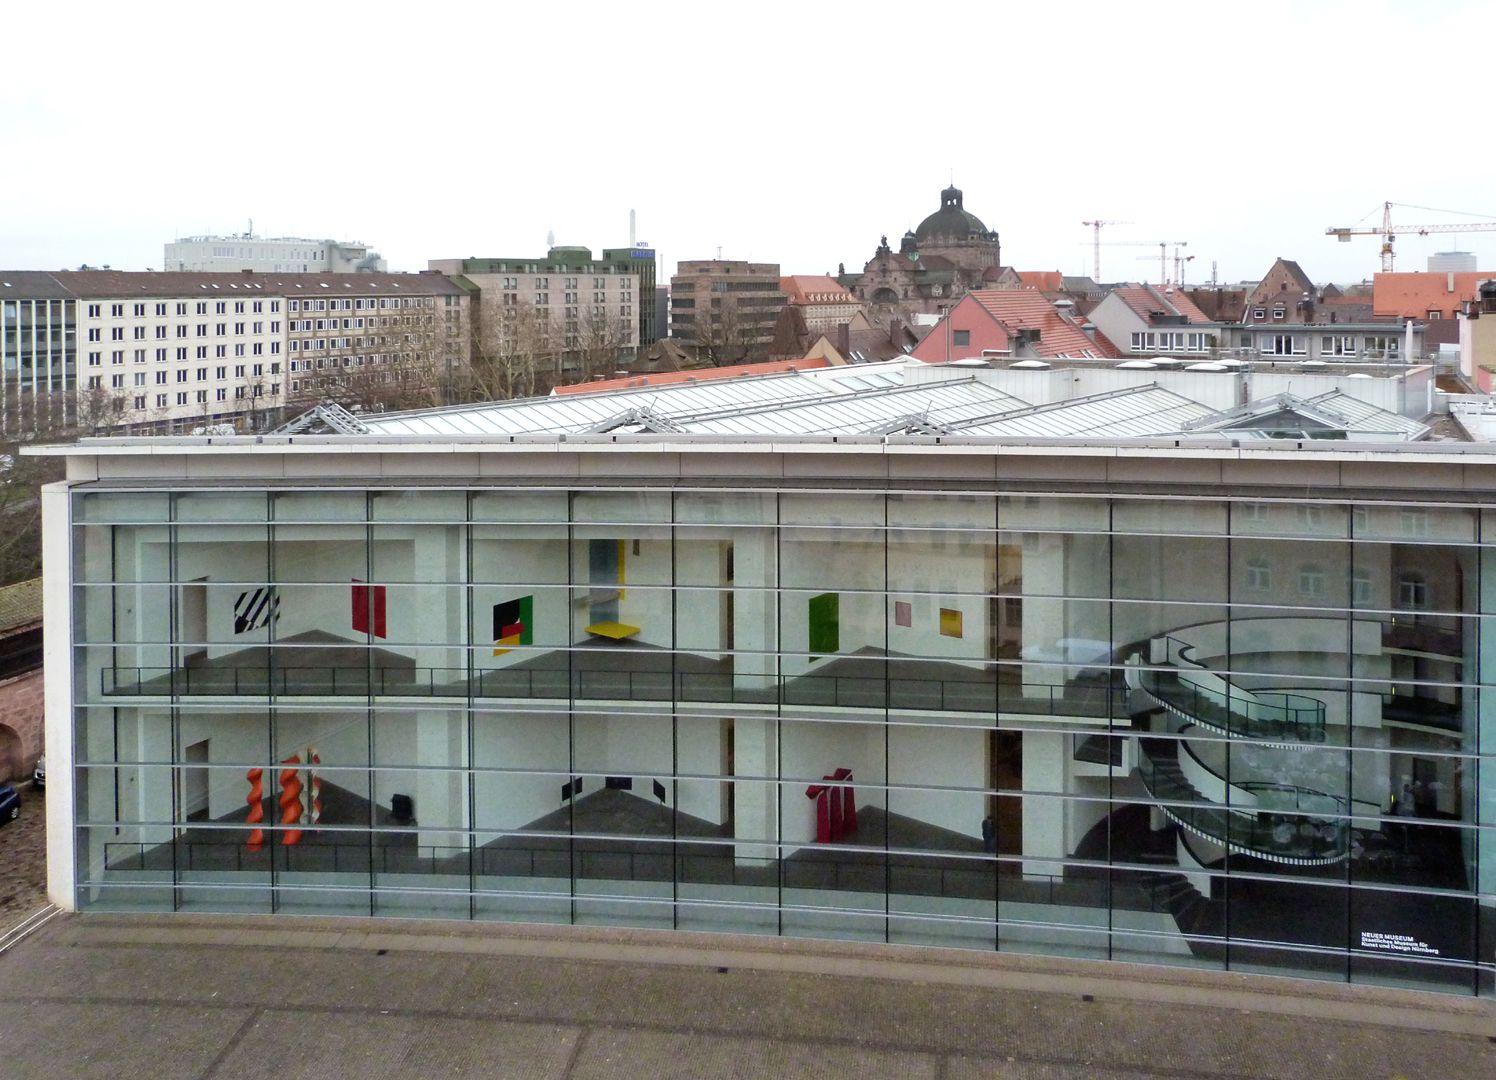 Neues Museum Haupttrakt mit Einblick auf die vorderen Räume samt Treppenhaus